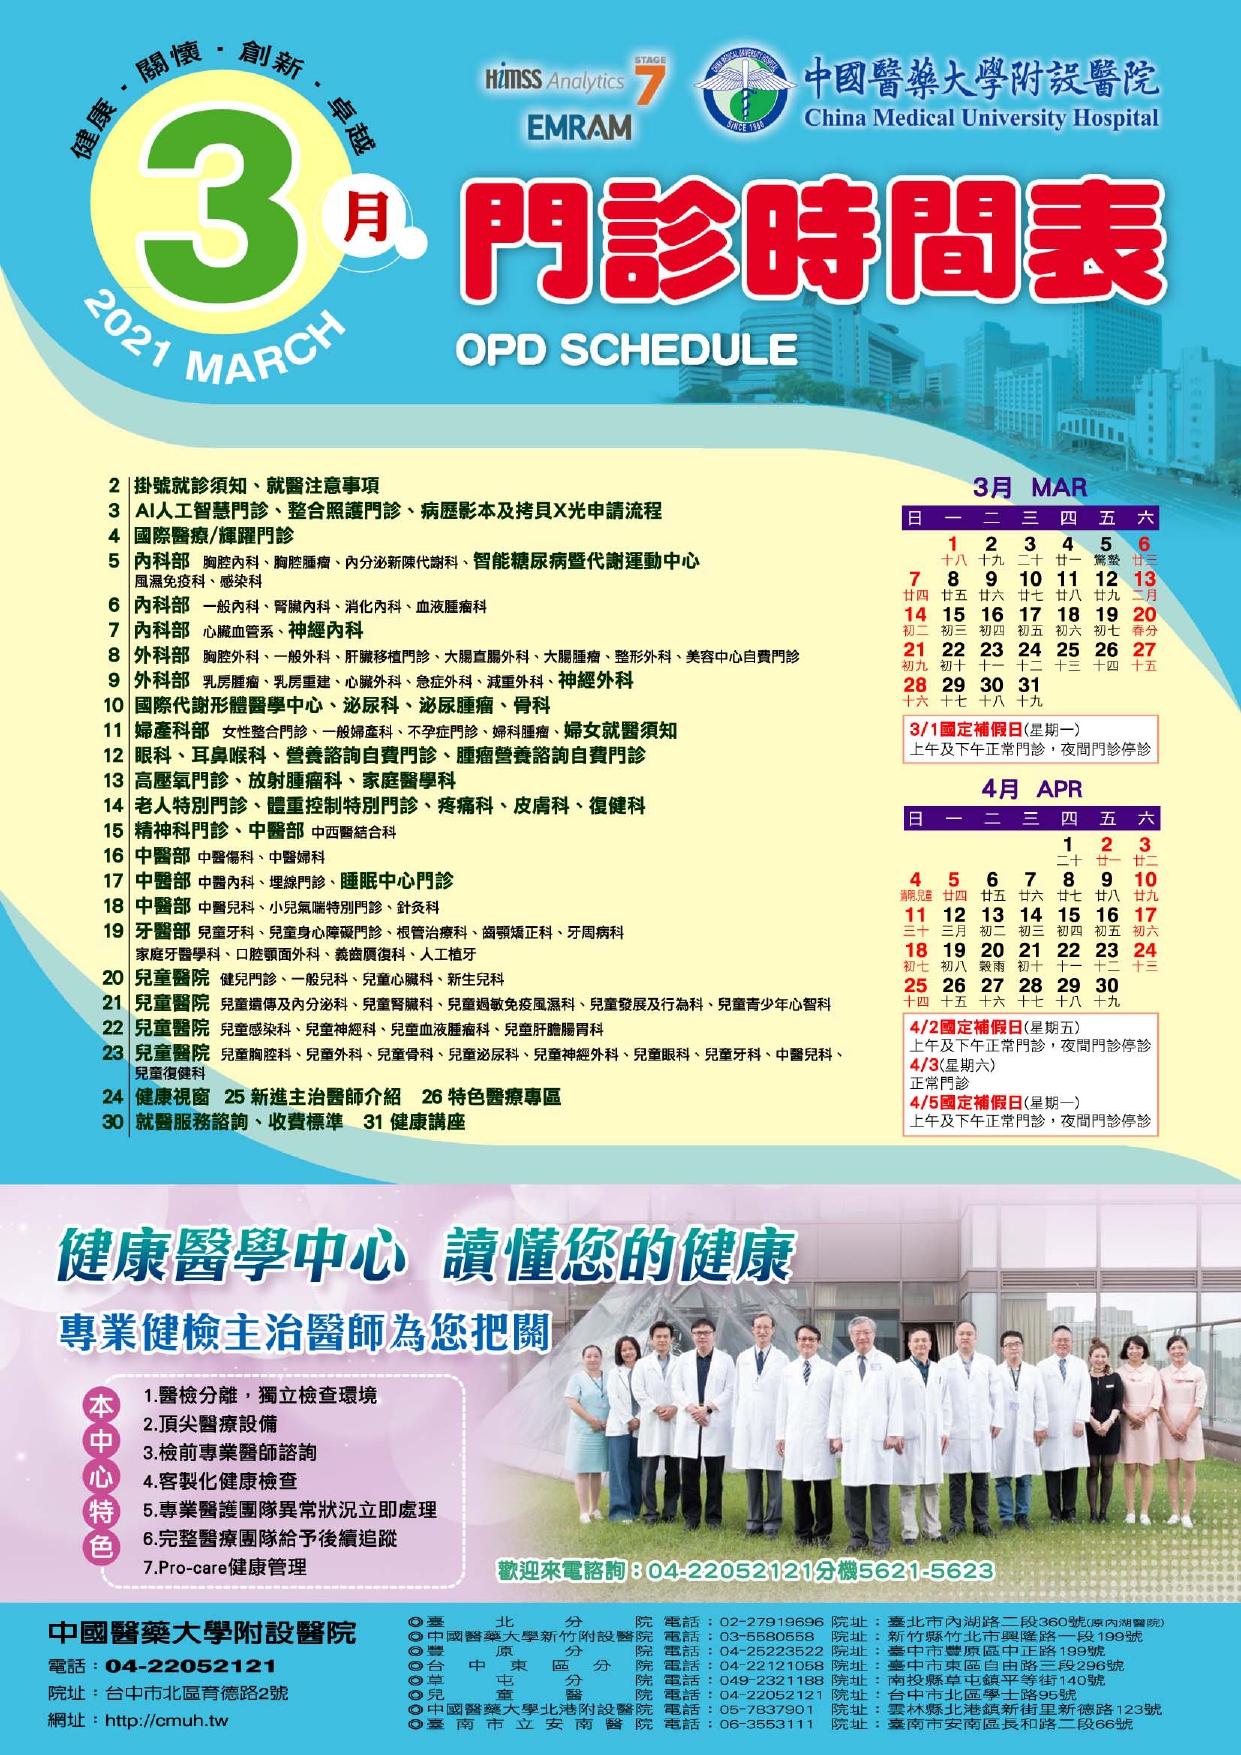 中國附醫110年3月門診時間表